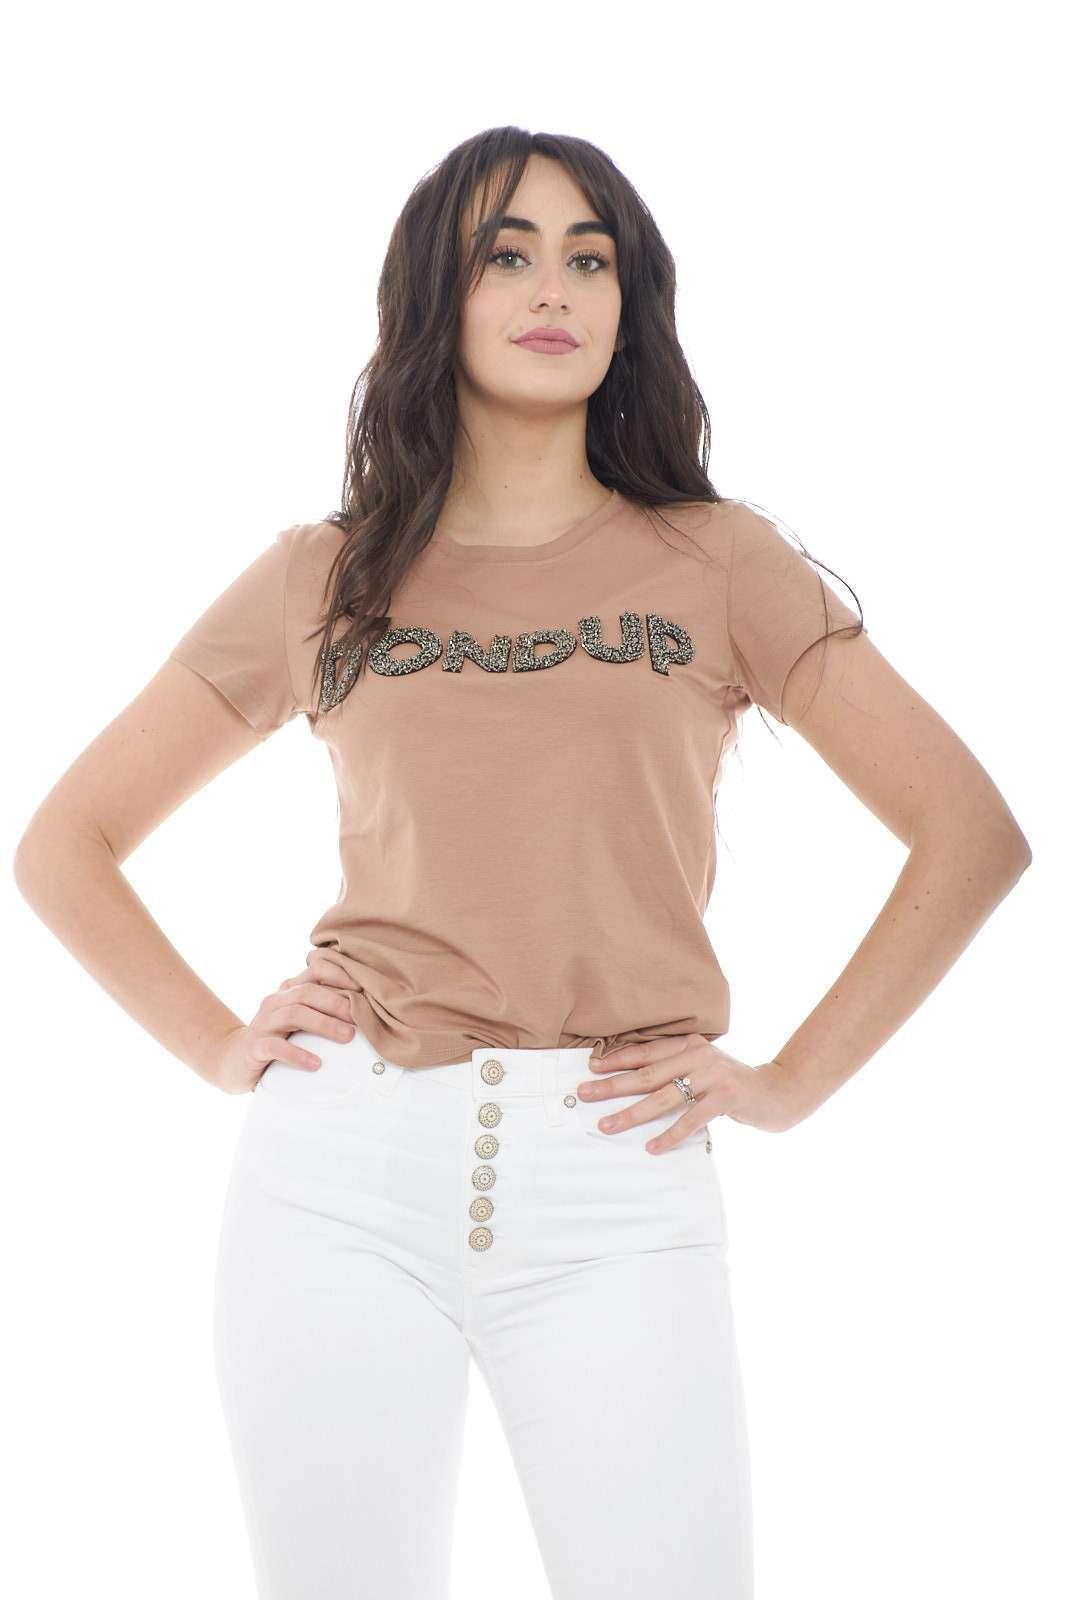 Scopri la nuova T shirt donna proposta dalla collezione Dondup. Un capo essenziale e dallo stile fashion si impone per il suo jersey di cotone e la stampa con paillettes sul davanti. Da indossare sia con jeans che con pantaloni è un capo evergreen.